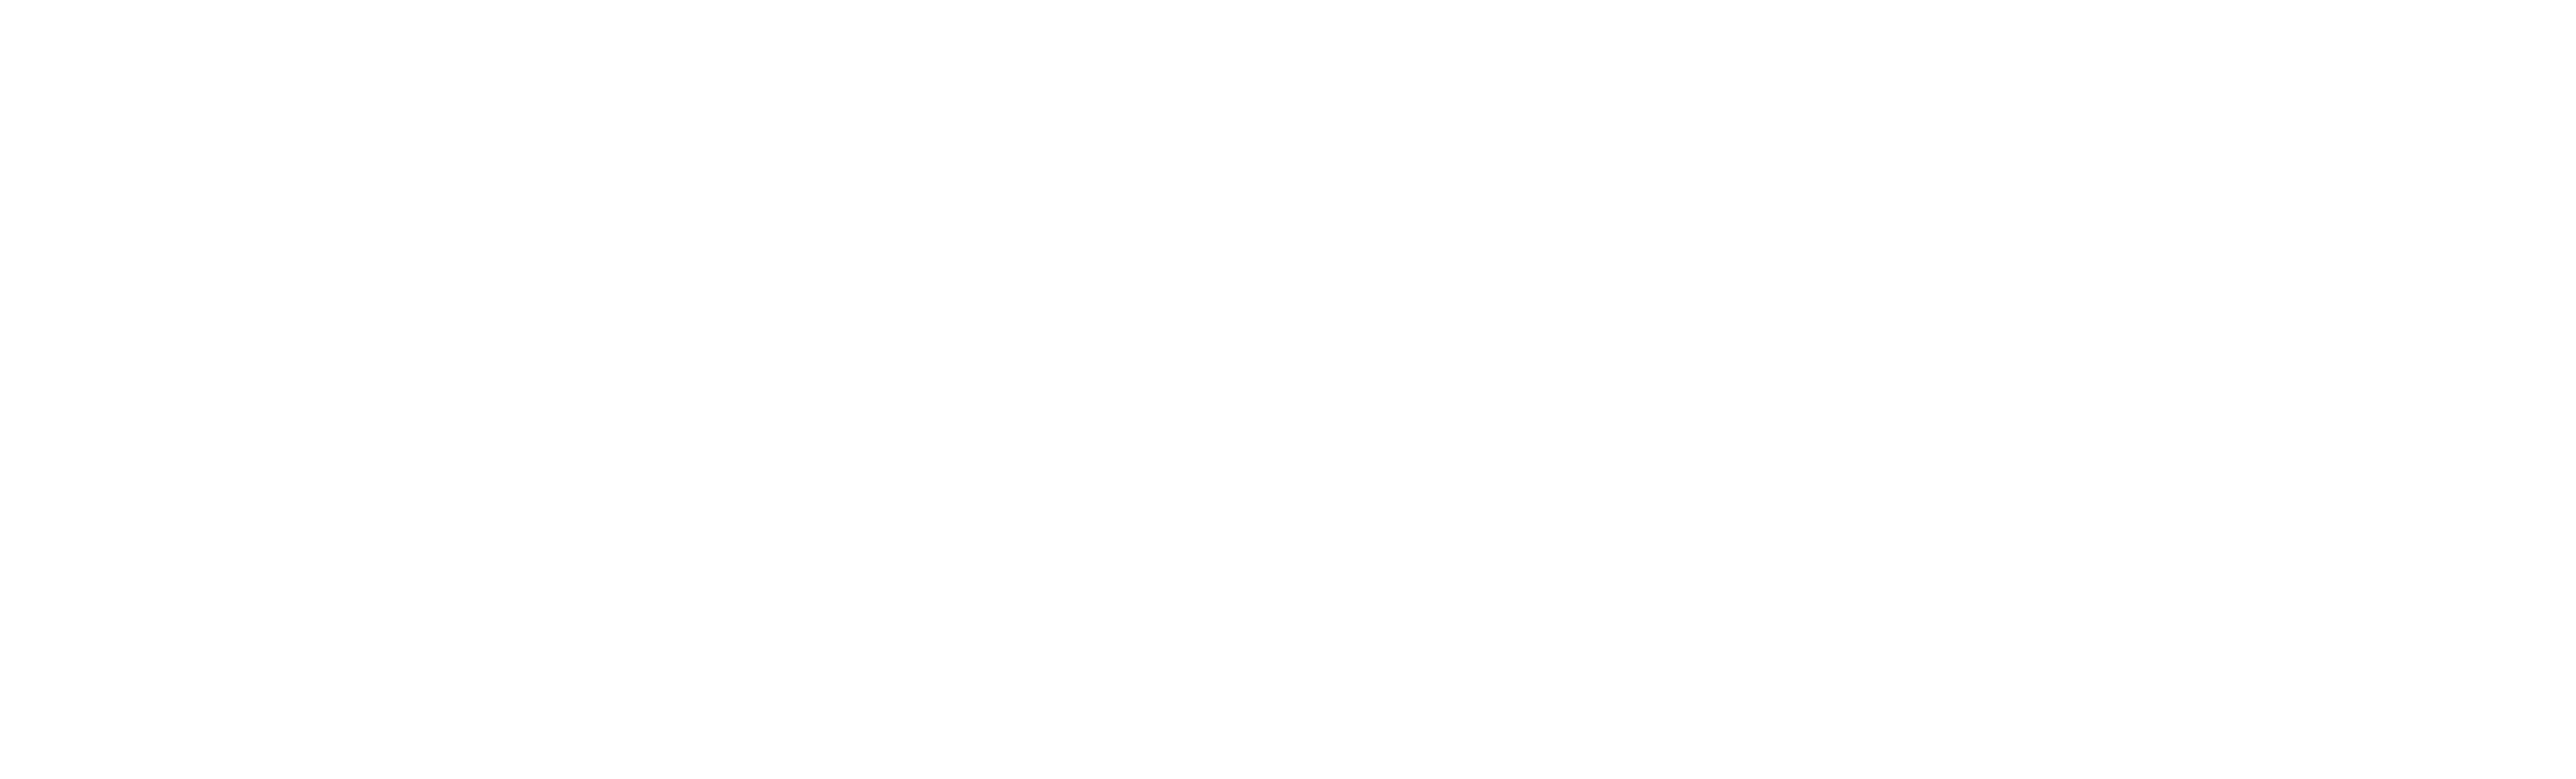 Jason Aldean's Kitchen logo